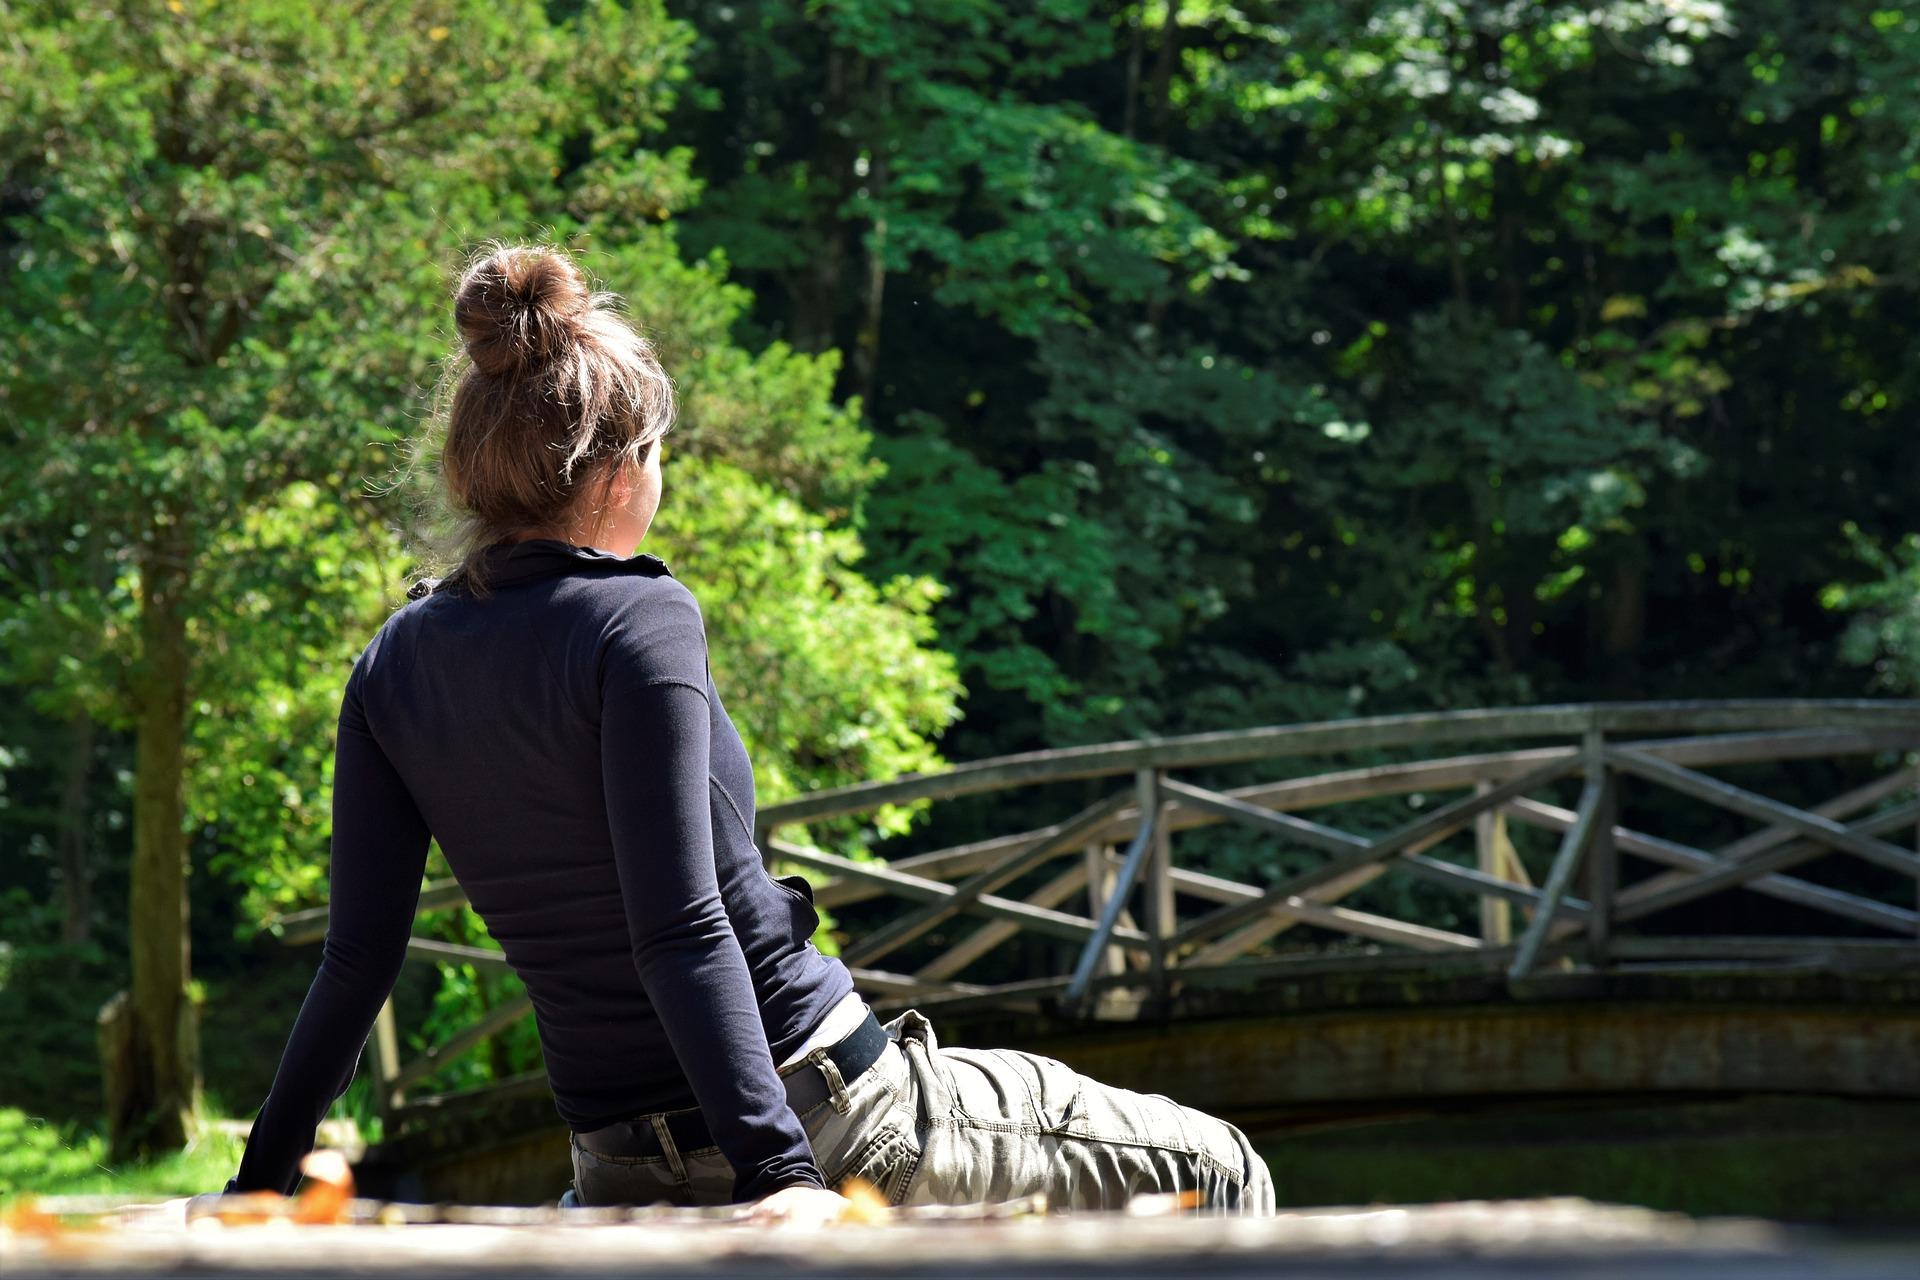 Equilibrio físico y mental para enfrentar el COVID-19